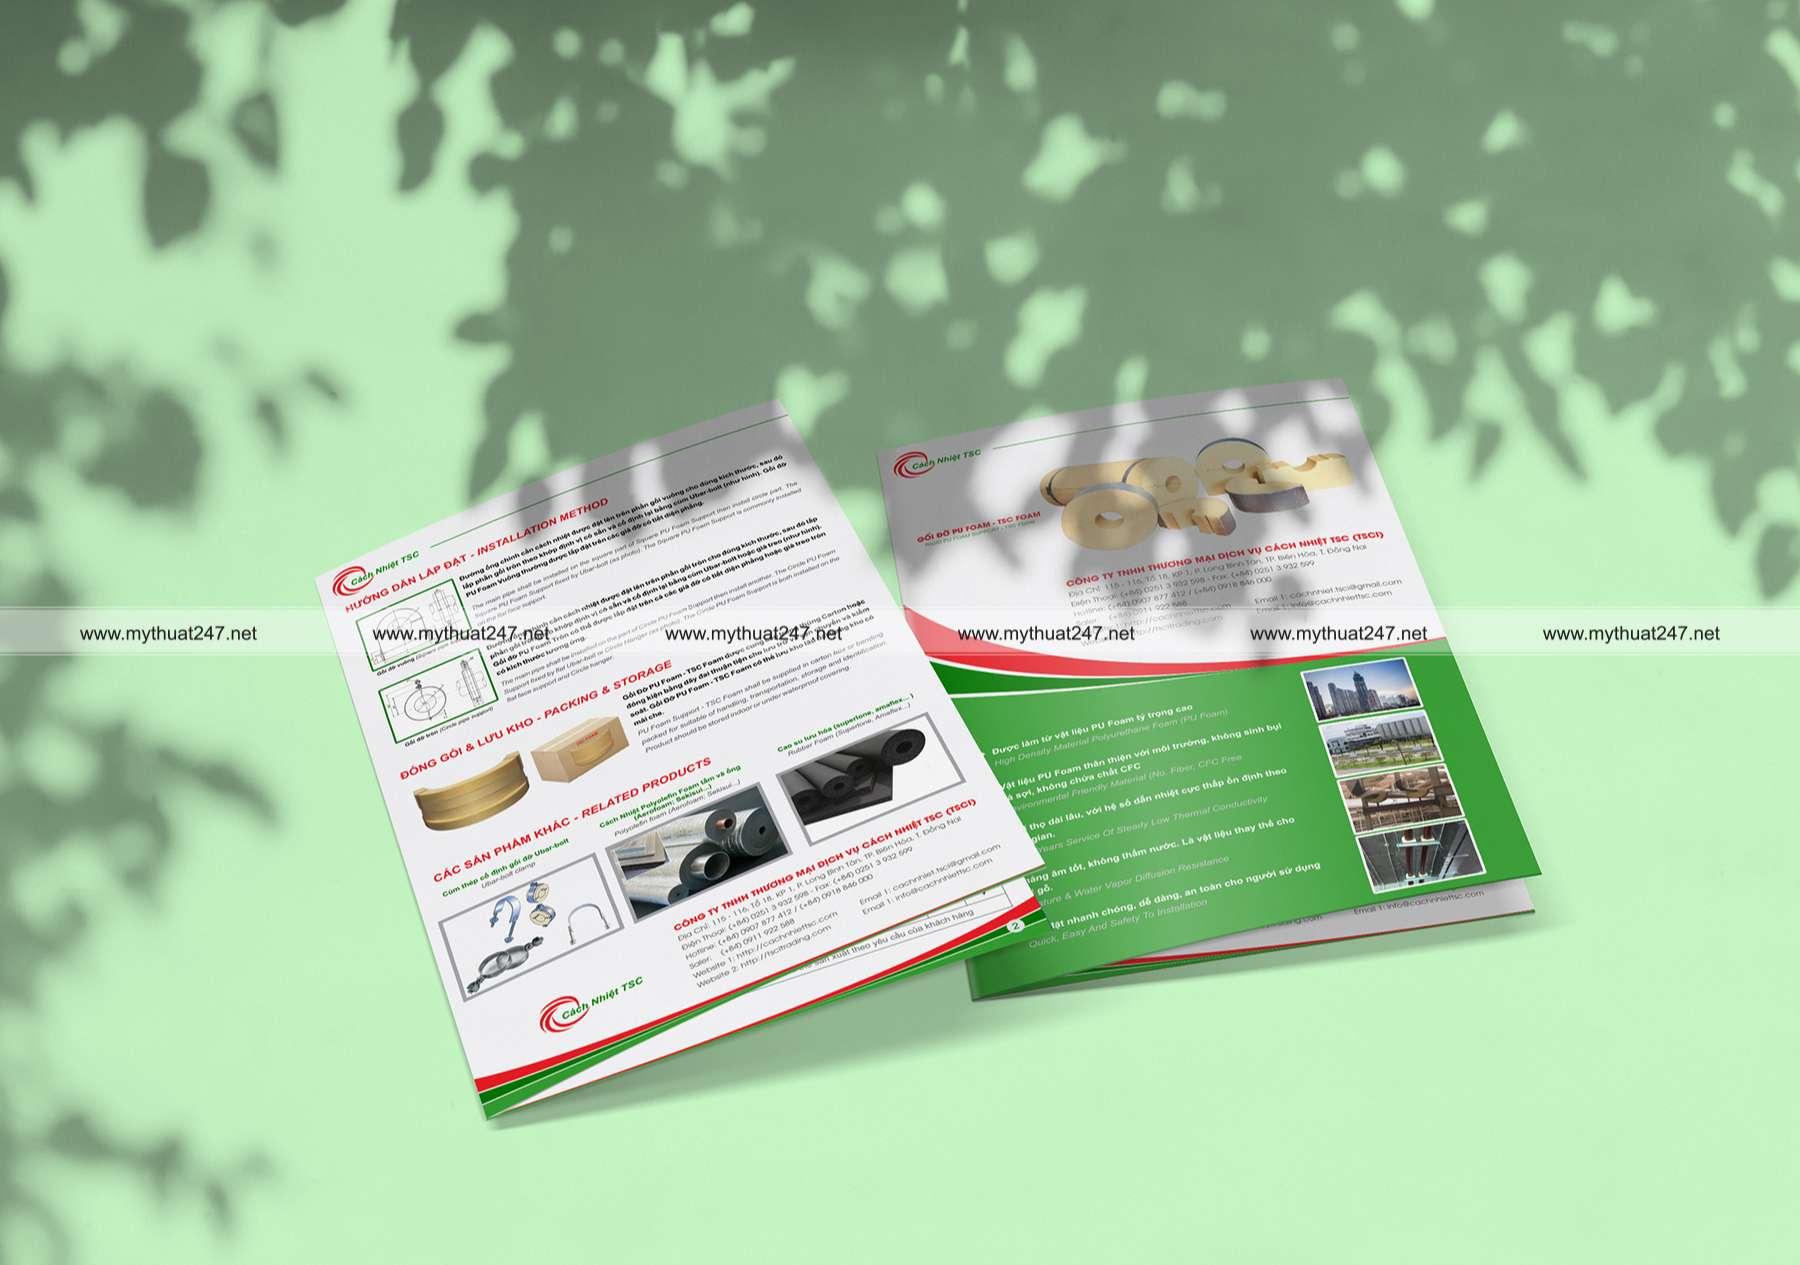 Thiết kế brochure công ty tnhh thương mại dịch vụ cách nhiệt tsc (tsci)